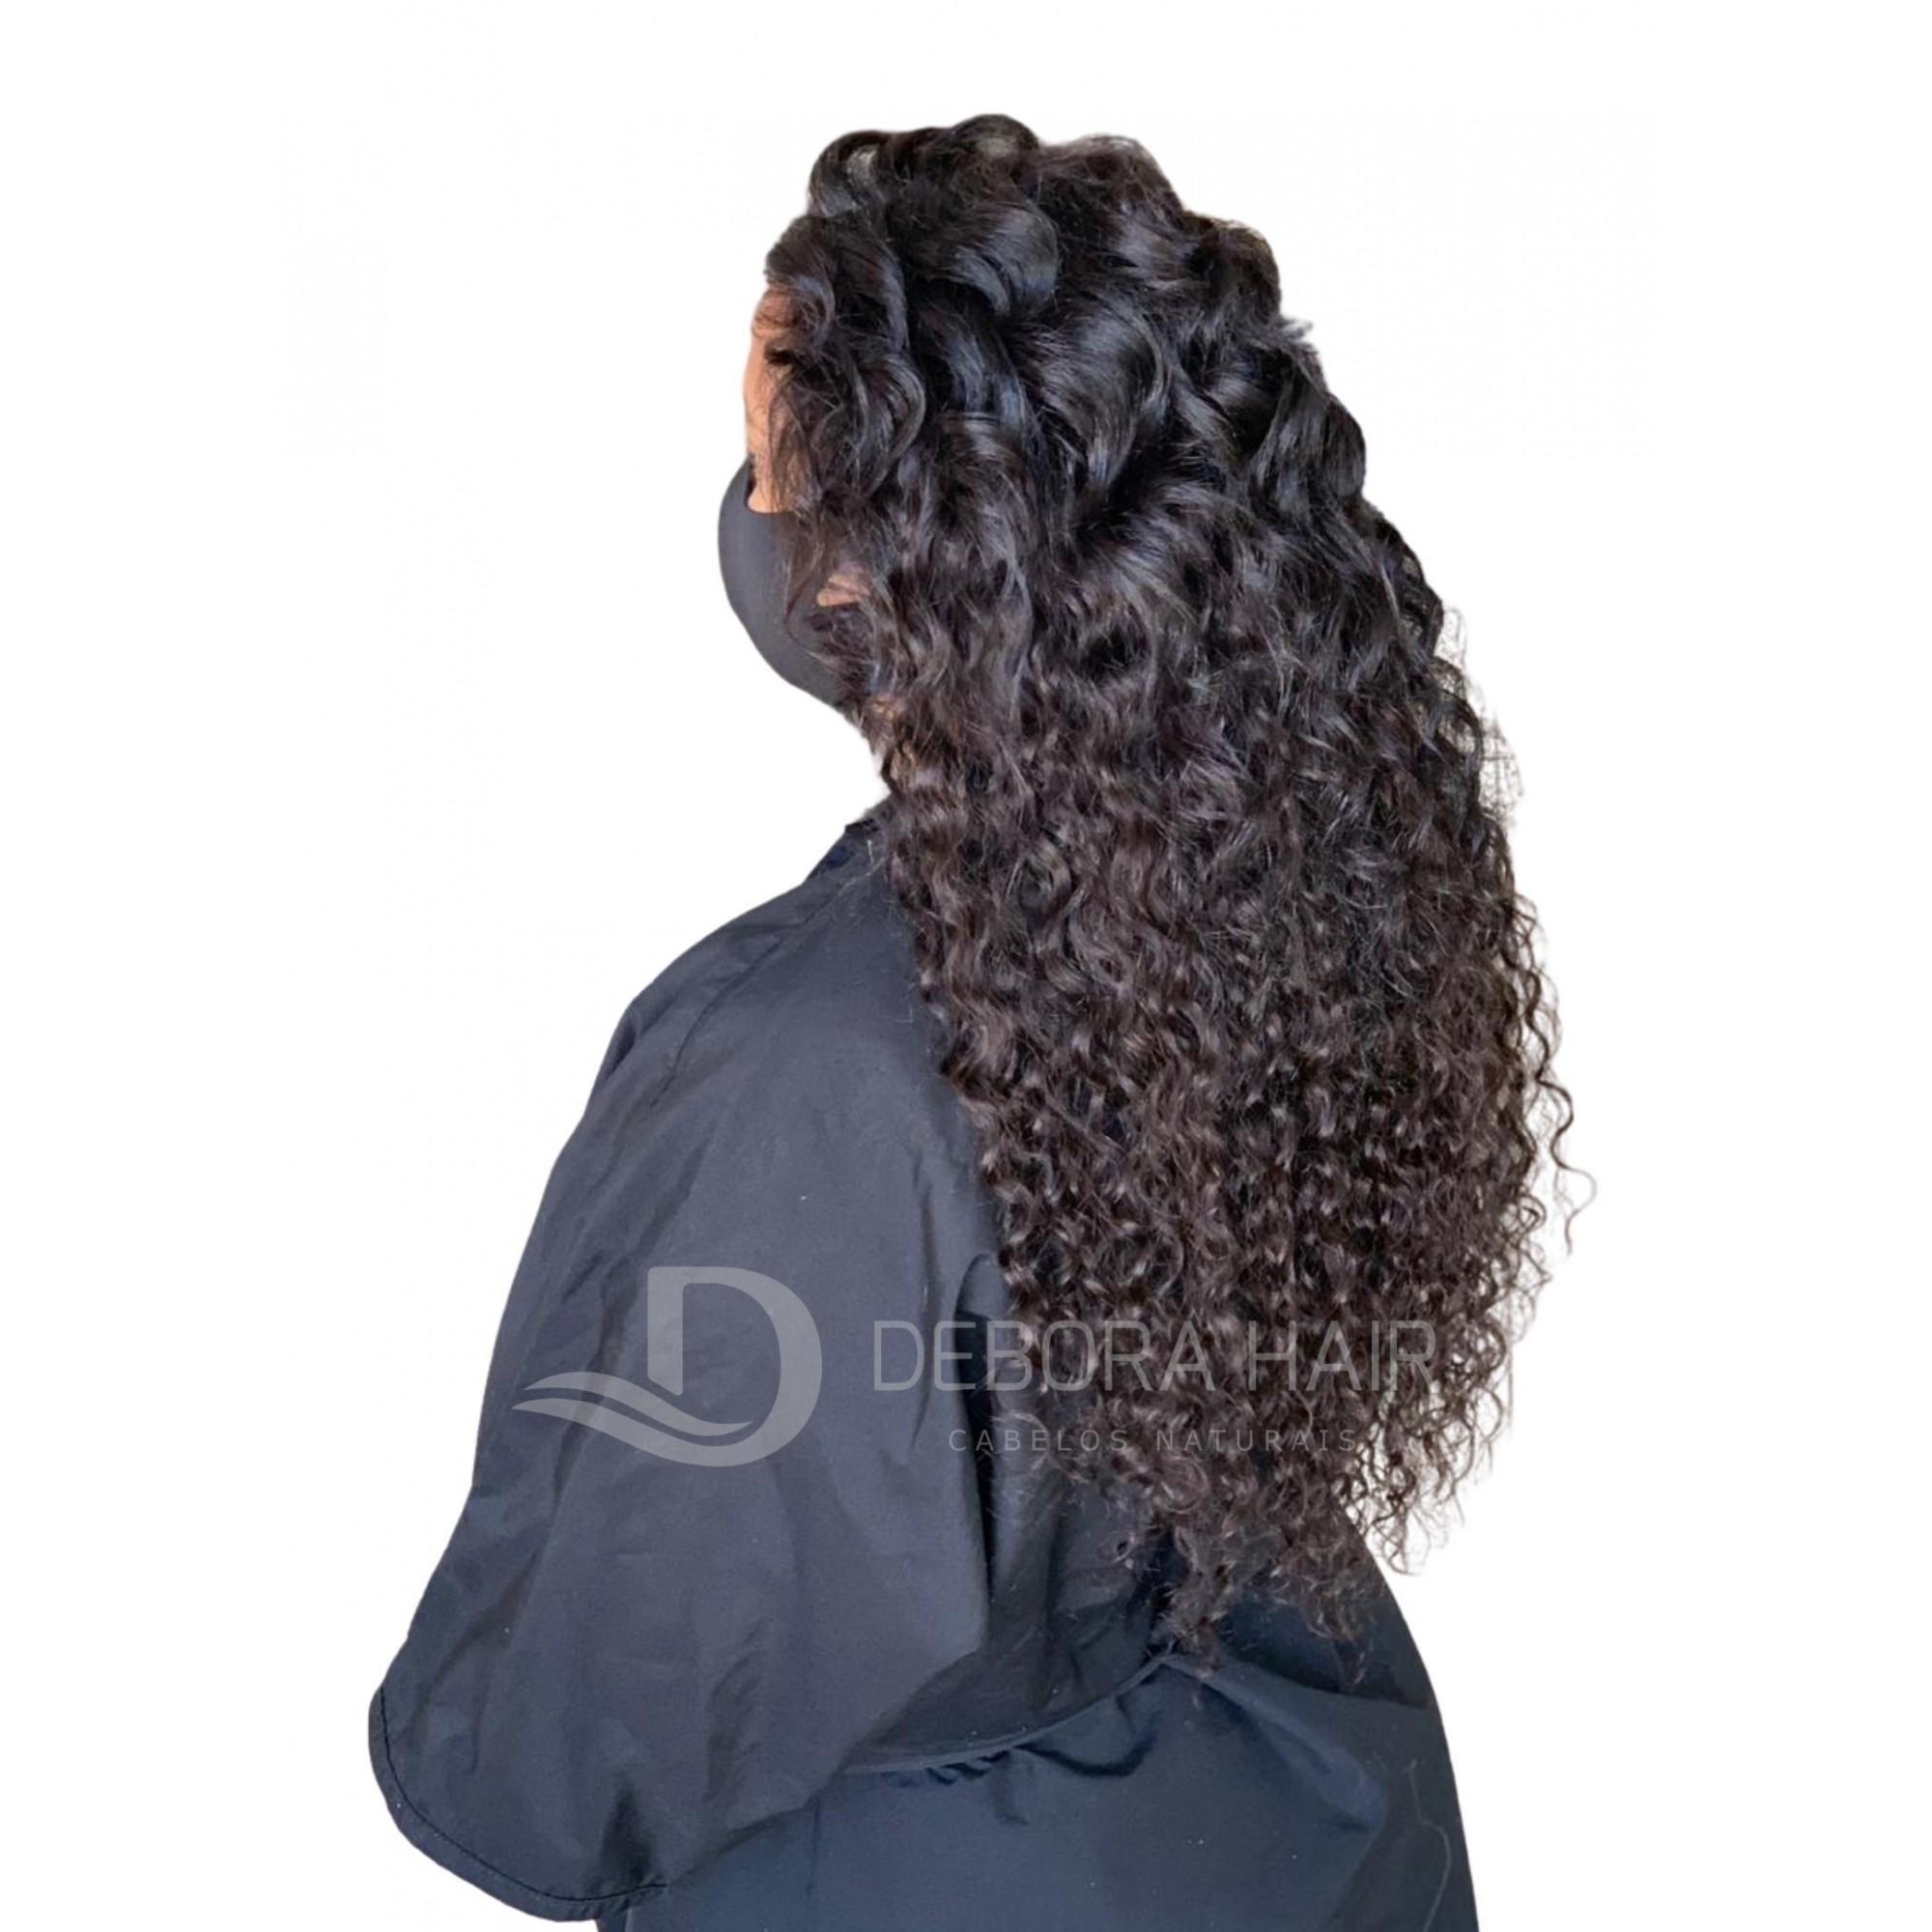 Cabelo Cacheado com Permanente Castanho Cacho Largo de 55 cm  - DEBORA HAIR